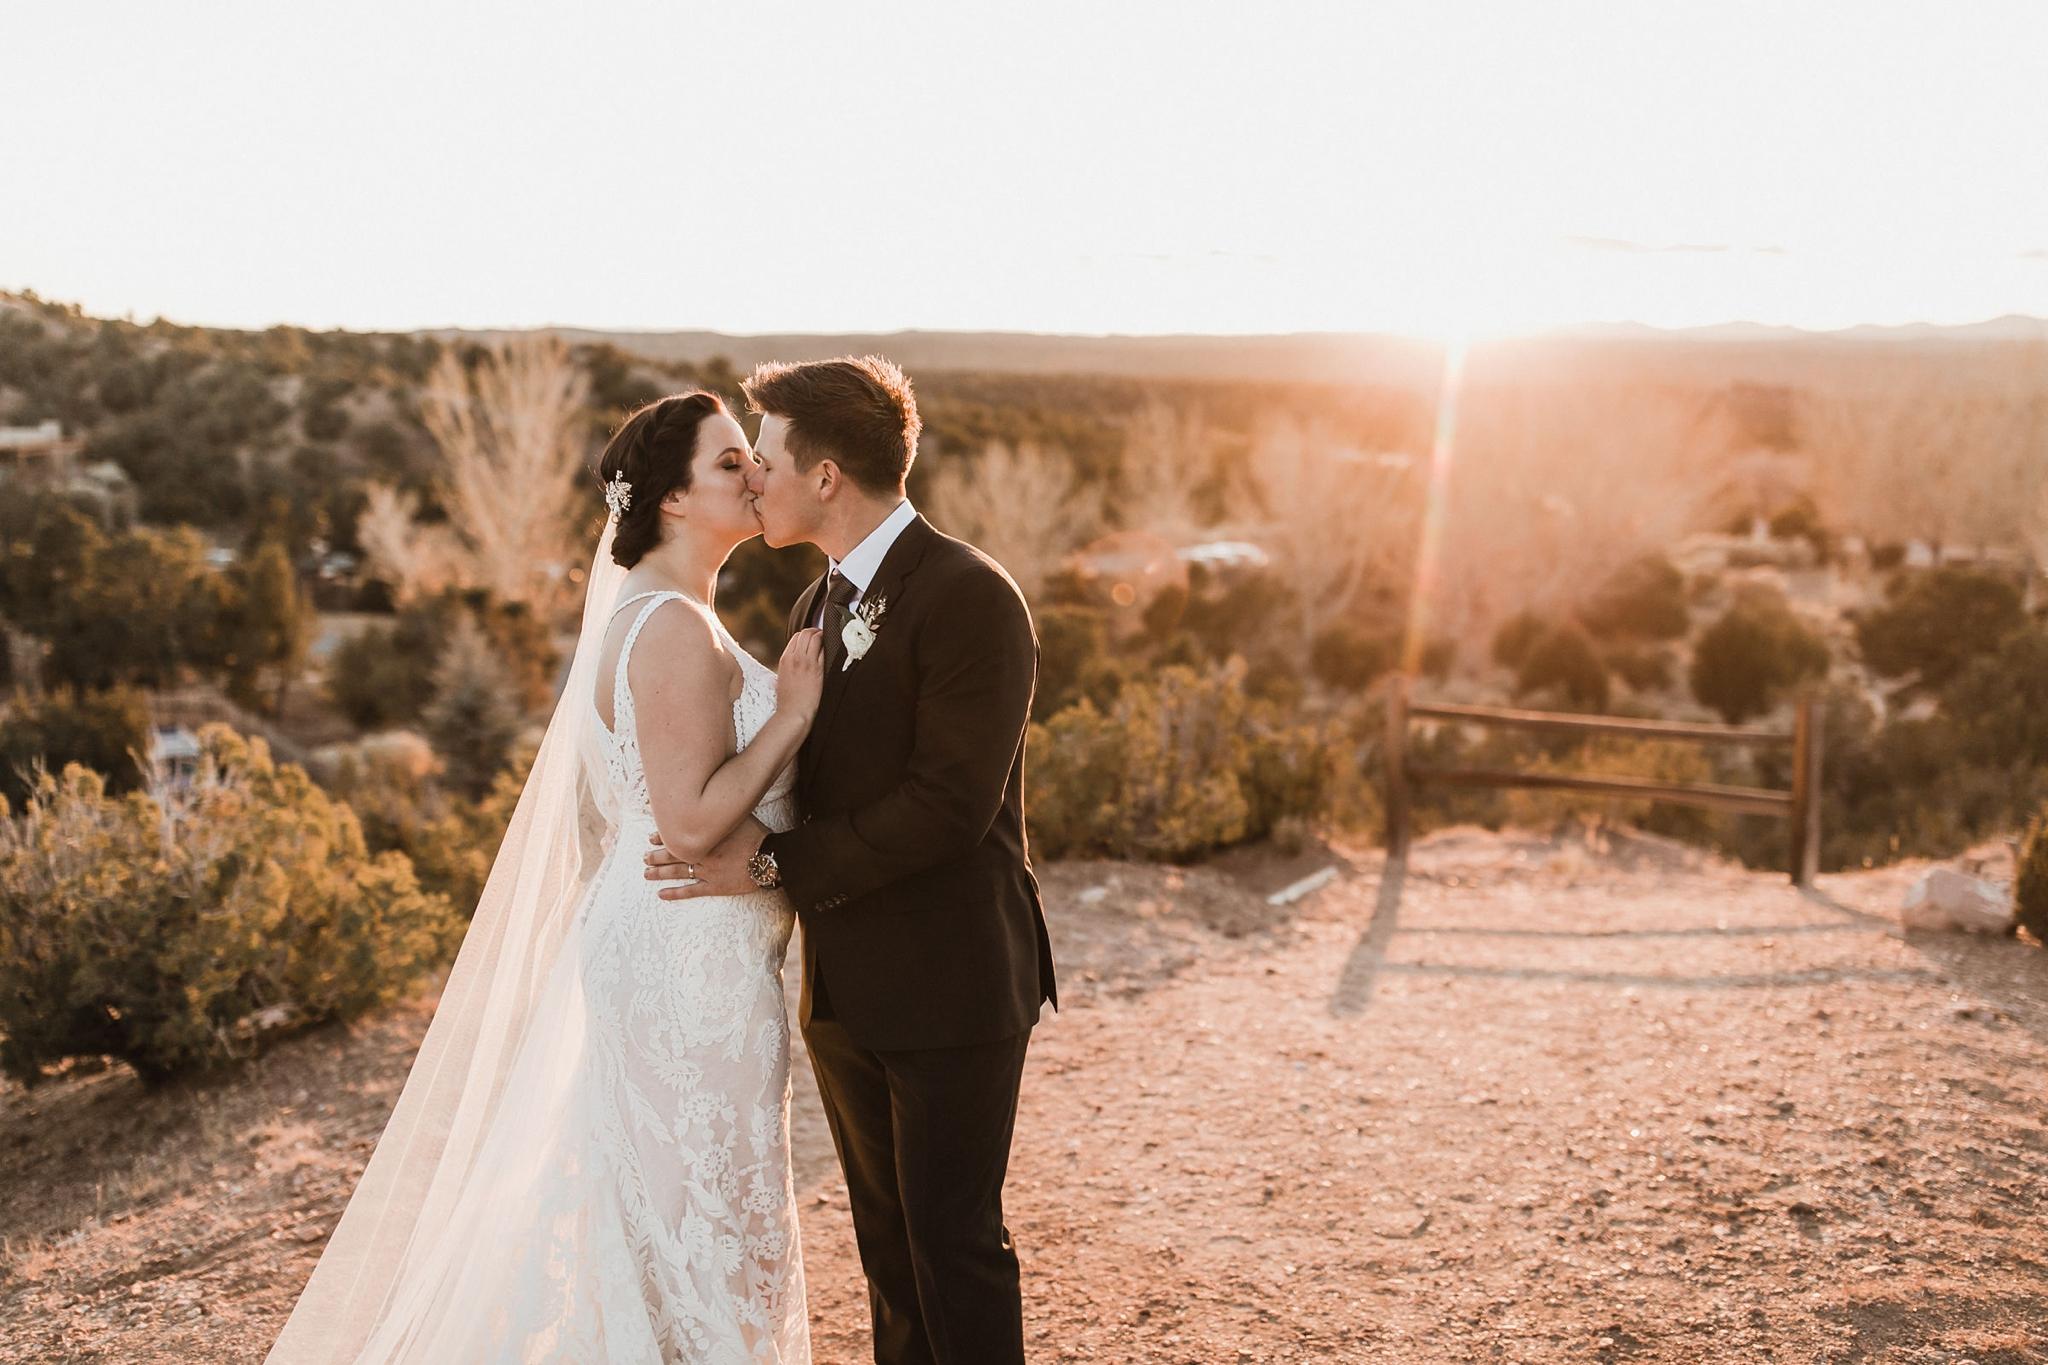 Alicia+lucia+photography+-+albuquerque+wedding+photographer+-+santa+fe+wedding+photography+-+new+mexico+wedding+photographer+-+new+mexico+wedding+-+santa+fe+wedding+-+four+seasons+wedding+-+winter+wedding_0095.jpg